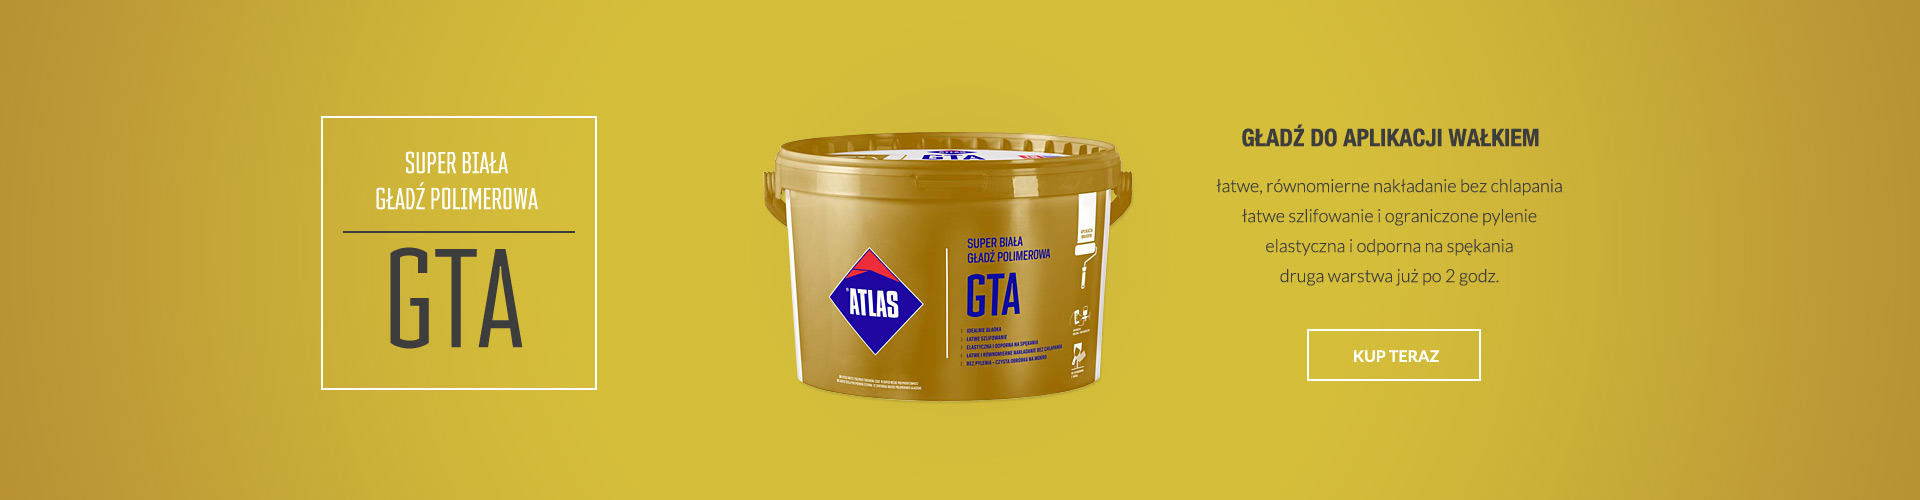 ATLAS GTA- Kup Teraz